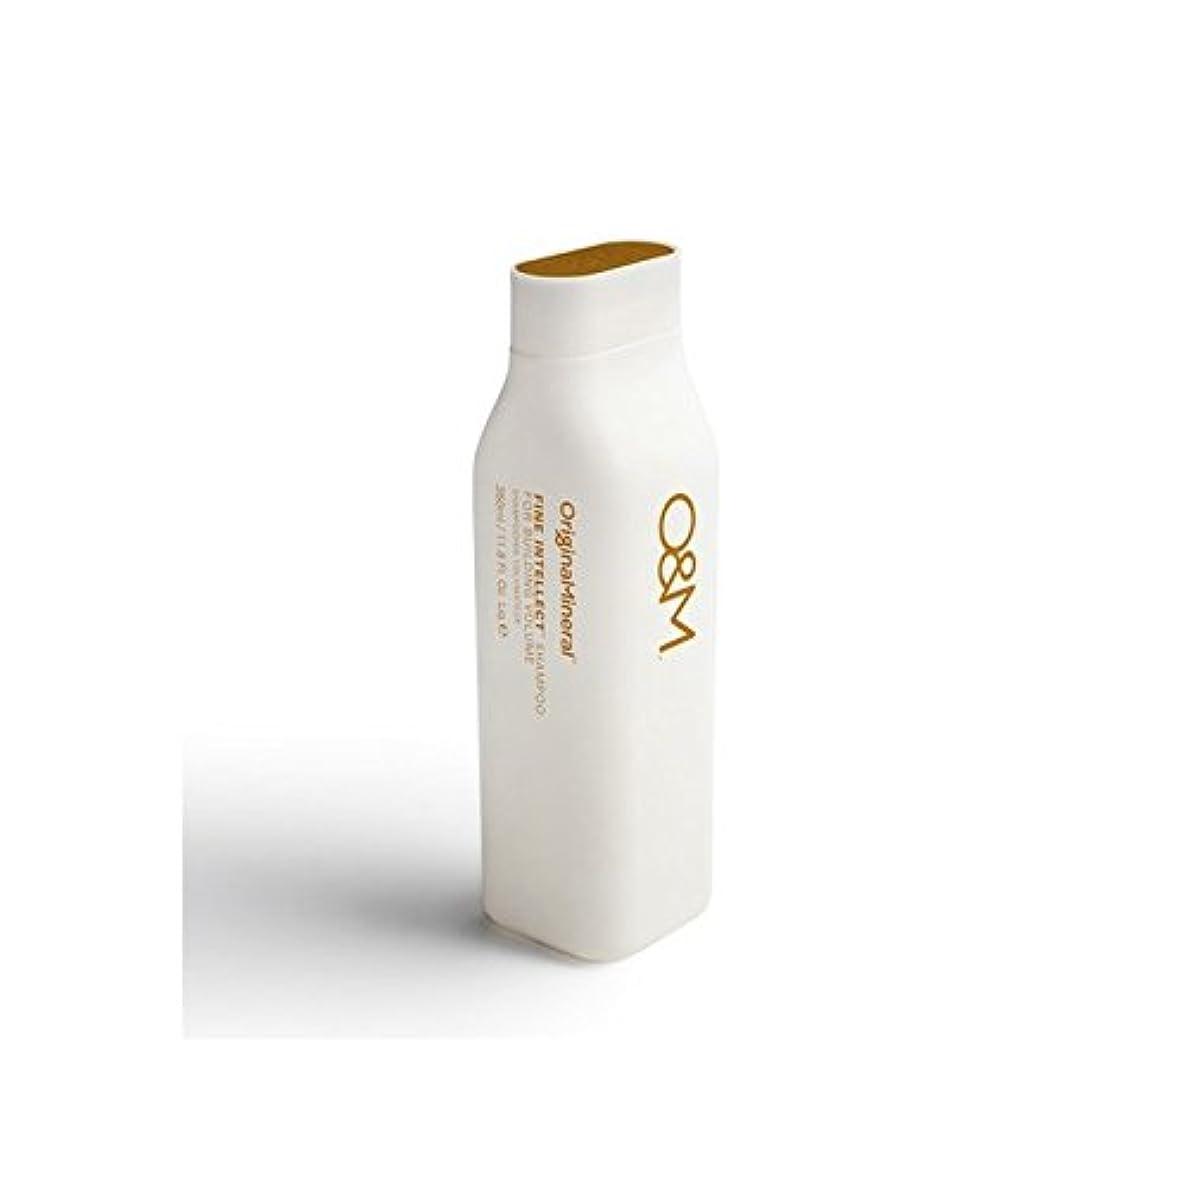 実験的テザー偽物オリジナル&ミネラル細かい知性シャンプー(350ミリリットル) x4 - Original & Mineral Fine Intellect Shampoo (350ml) (Pack of 4) [並行輸入品]